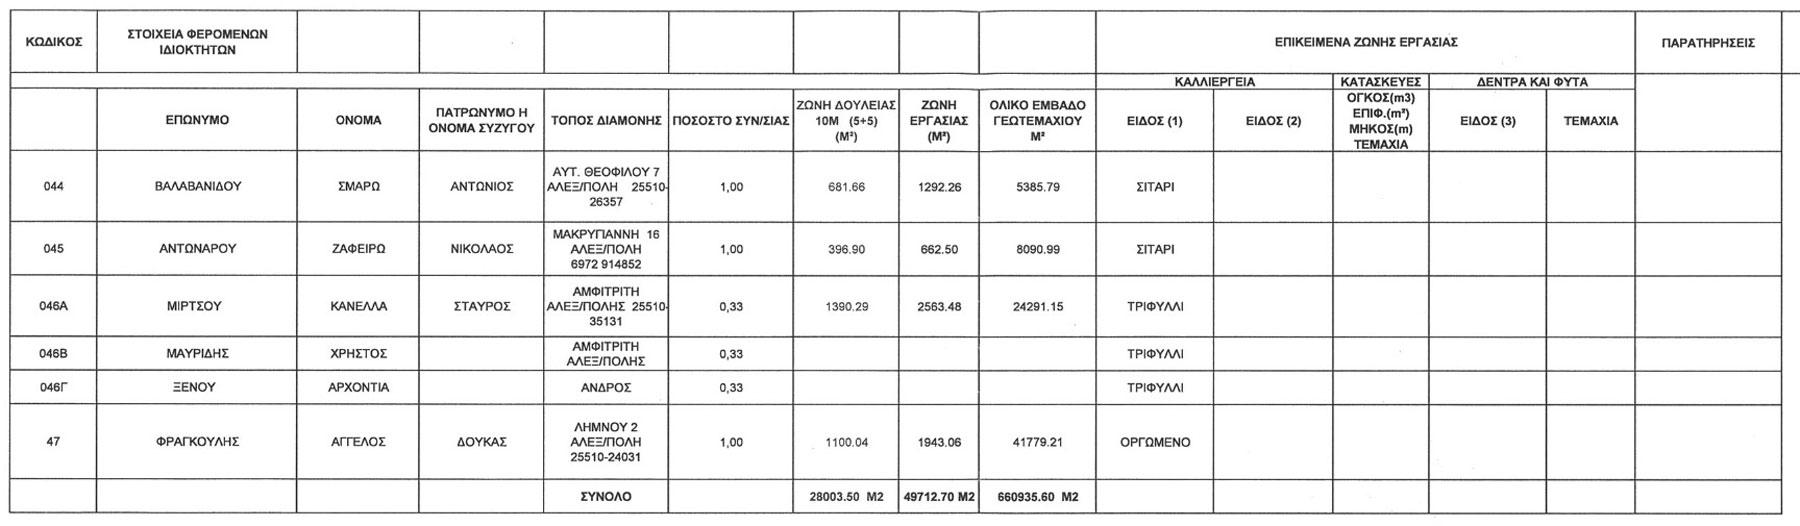 Κτηματολογικός Πίνακας Θιγόμενων Ιδιοκτησιών από χερσαίο τμήμα ΑΣΦΑ Αλεξανδρούπολης Σελ.5 (ΦΕΚ Β' 3528/30.12.2014)